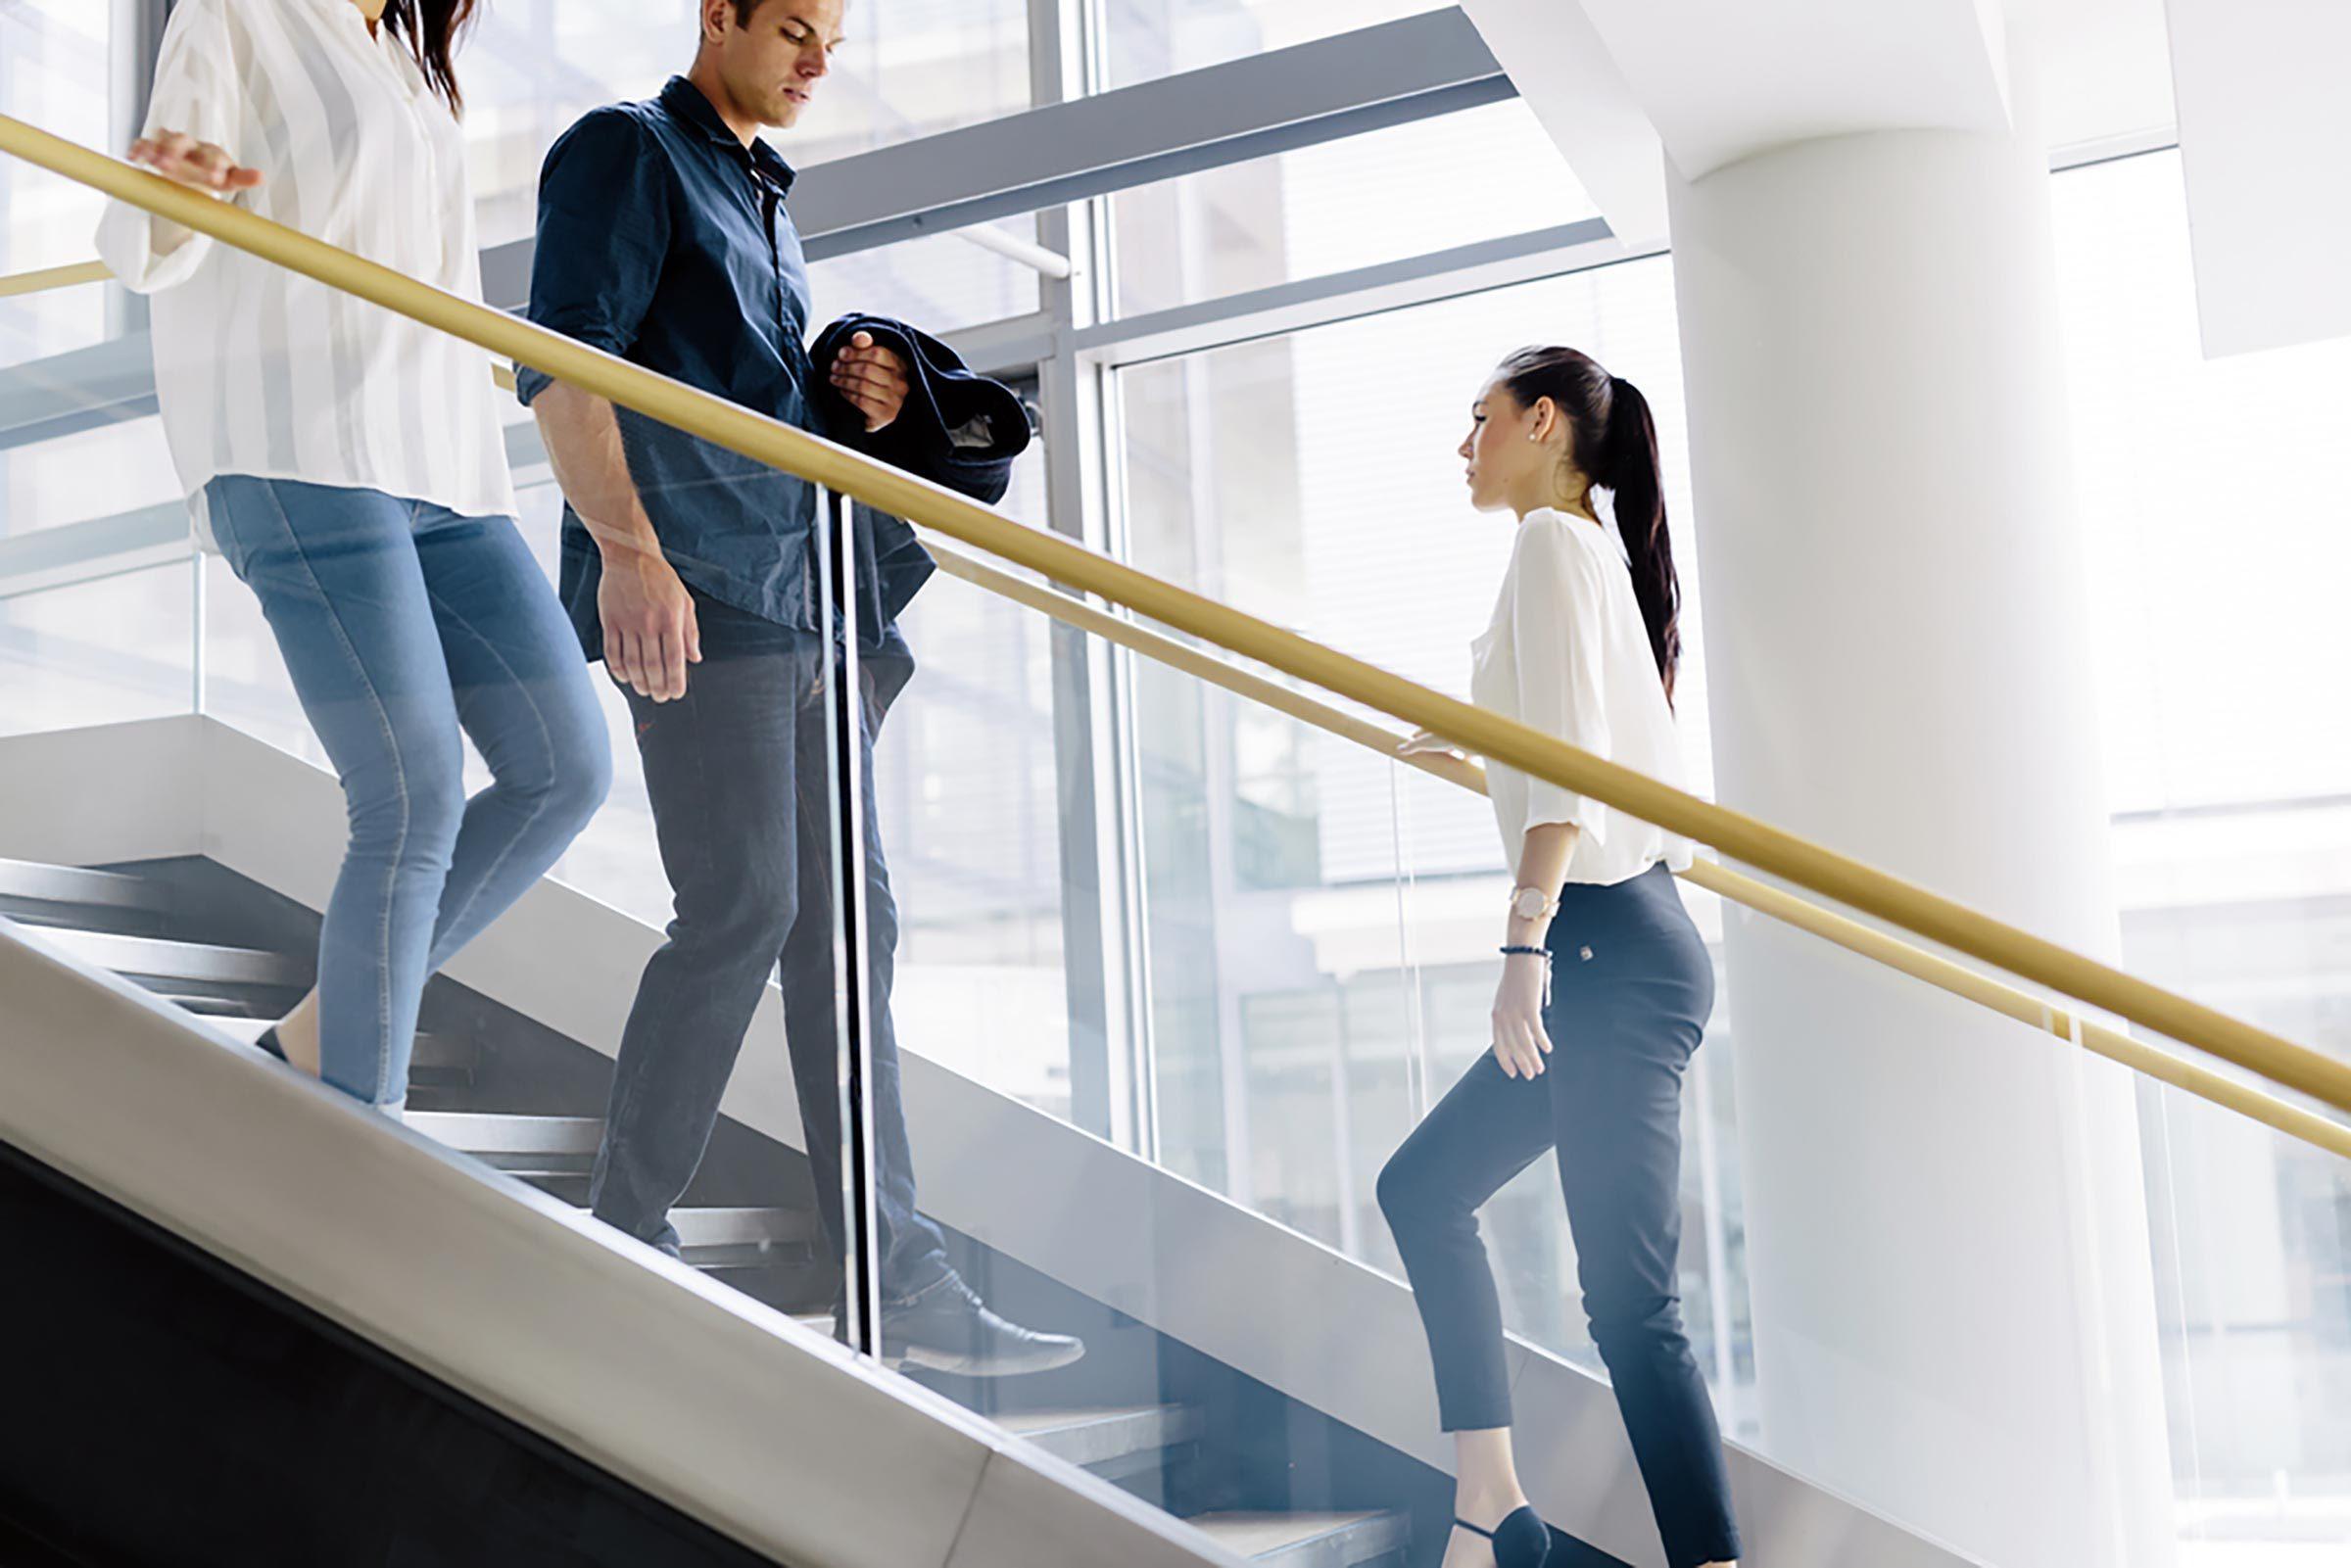 Conseil santé : prendre les escaliers